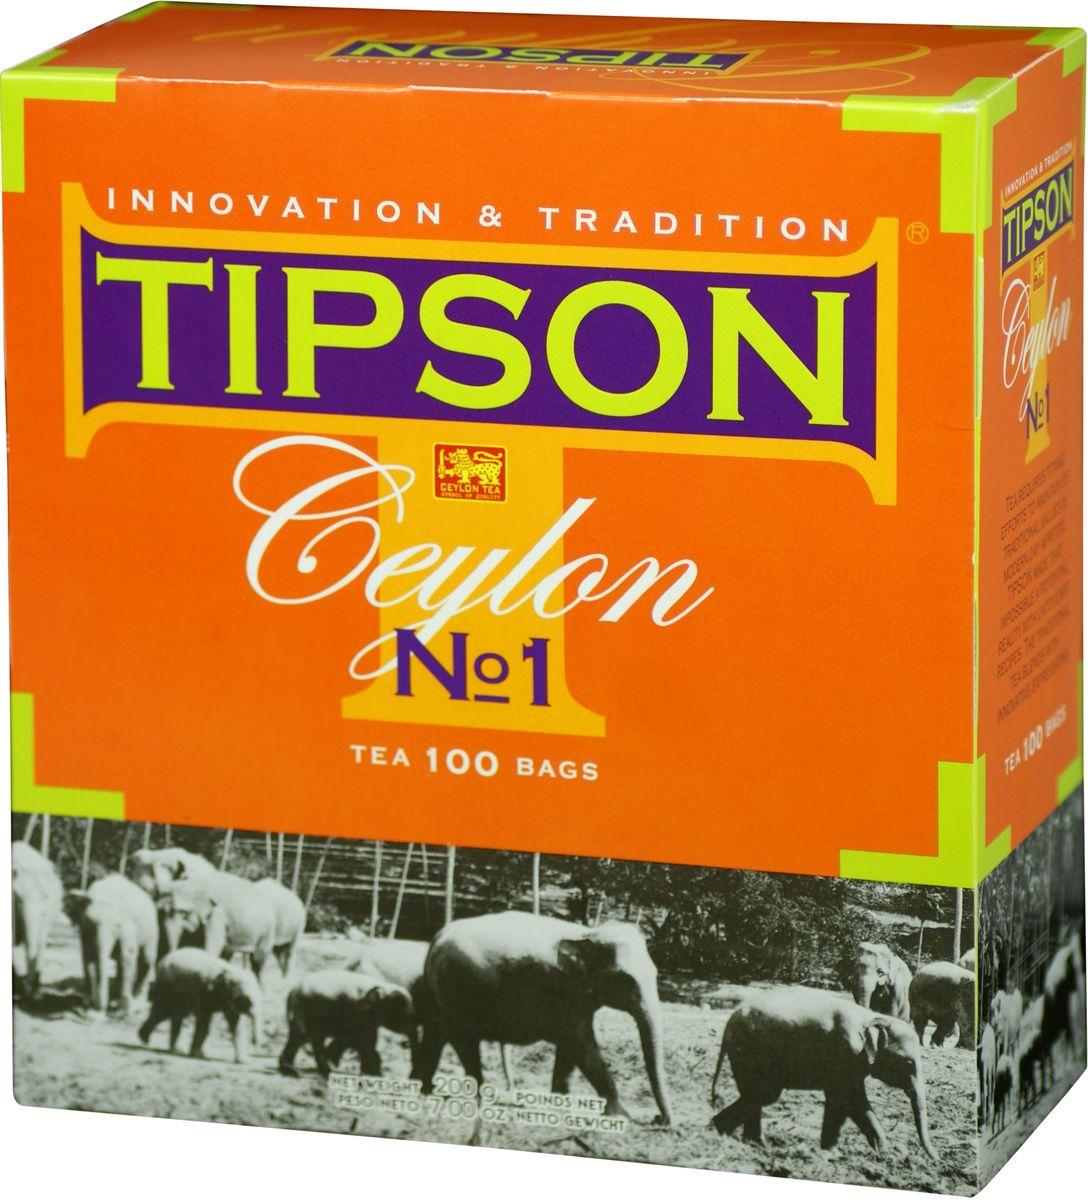 Tipson Ceylon №1 черный чай в пакетиках, 100 шт0120710Чай чёрный цейлонский байховый мелколистовой Tipson Ceylon №1 в пакетиках с ярлычками для разовой заварки. Чай, произрастающий на острове Цейлон, давно признан лучшим в мире. Наши эксперты предлагают Вам чай №1, в котором найден гармоничный баланс между силой вкуса и элегантностью аромата.